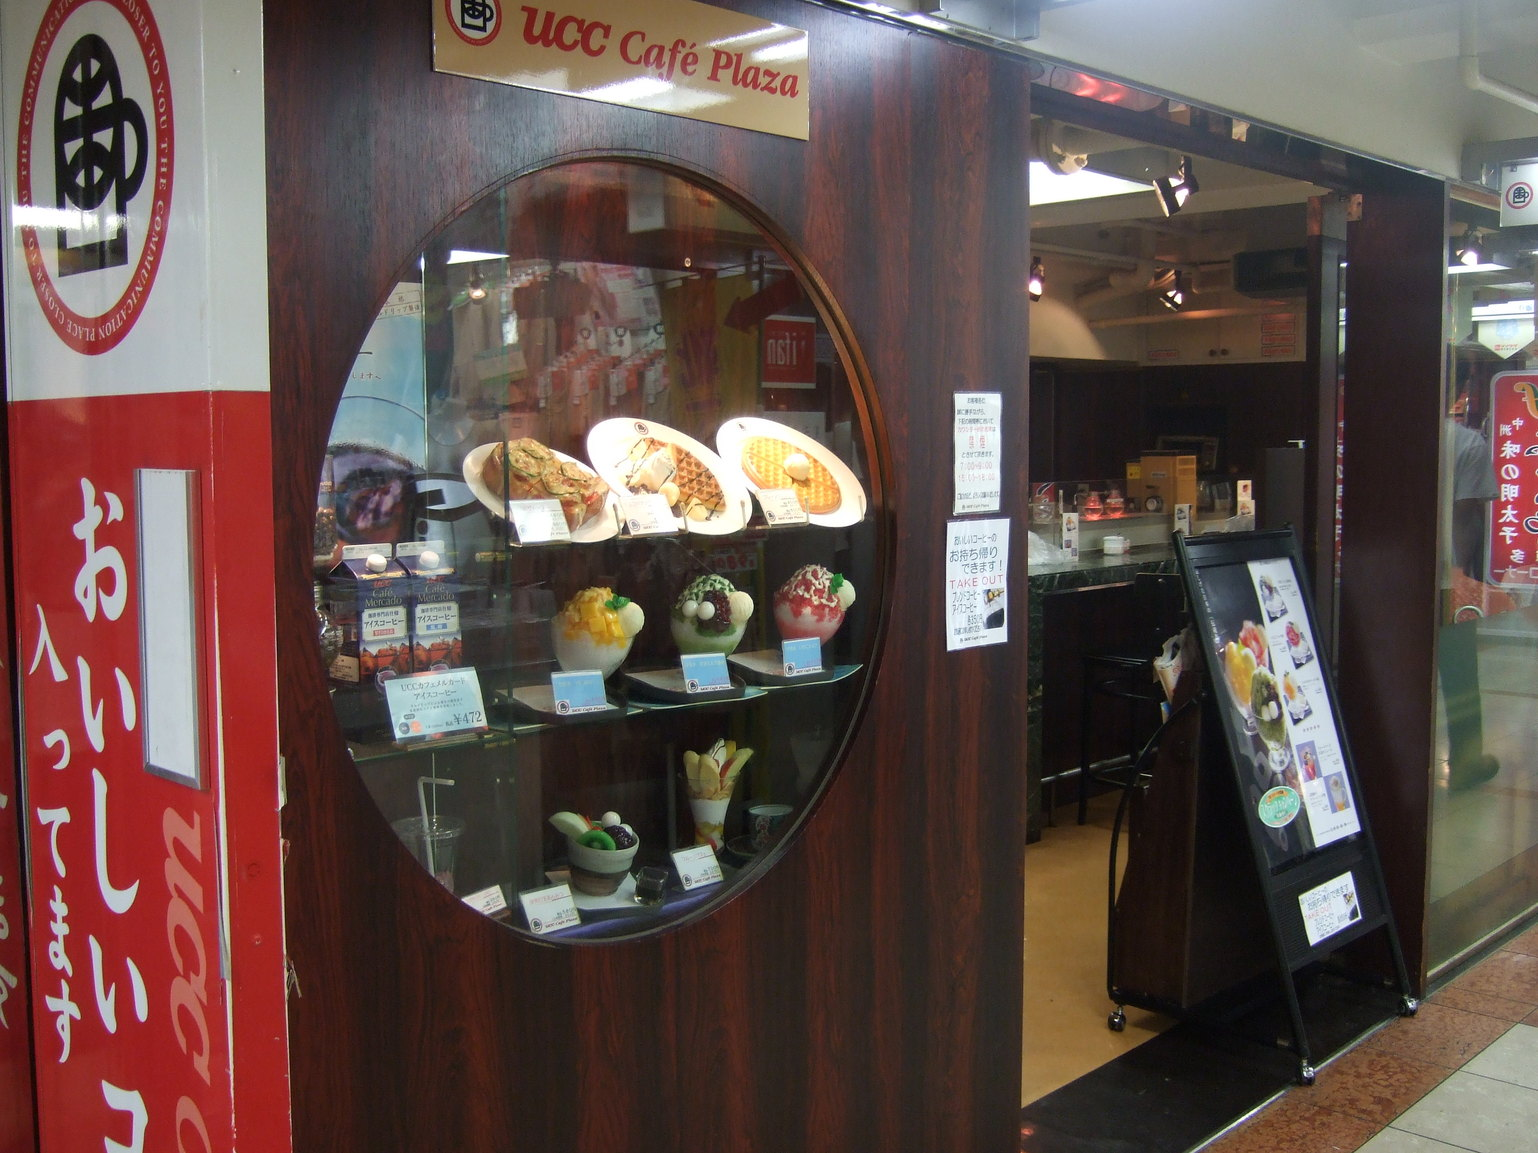 UCCカフェプラザ 博多駅ビル店